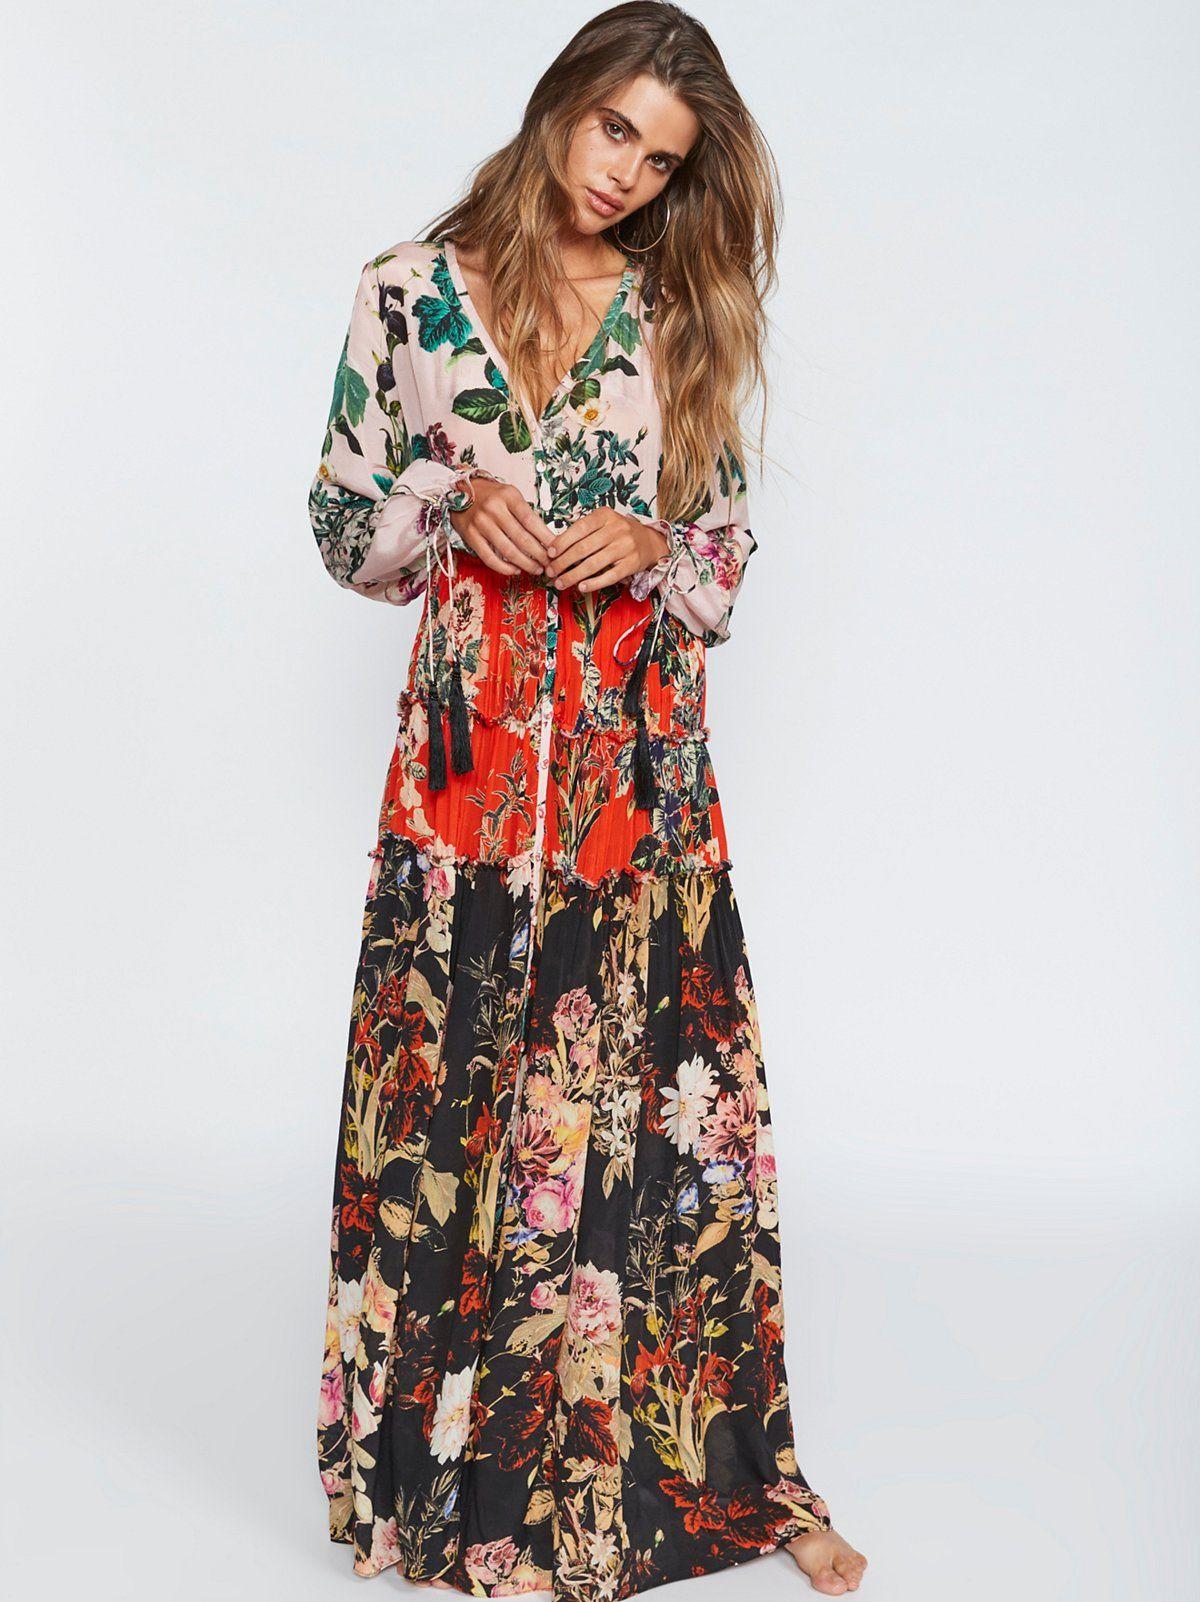 Mixed floral maxi dress dream closet i can never afford